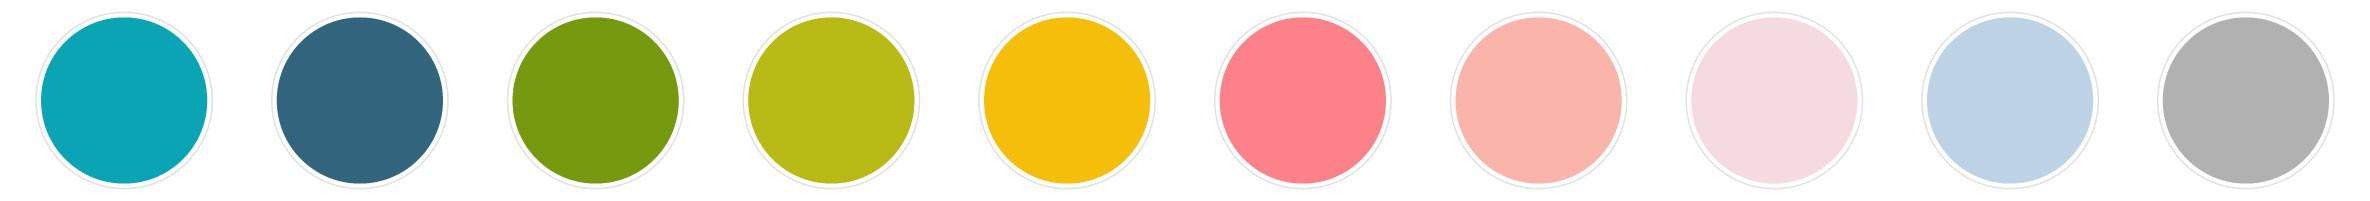 Sc preview colorpalette april18 desktop